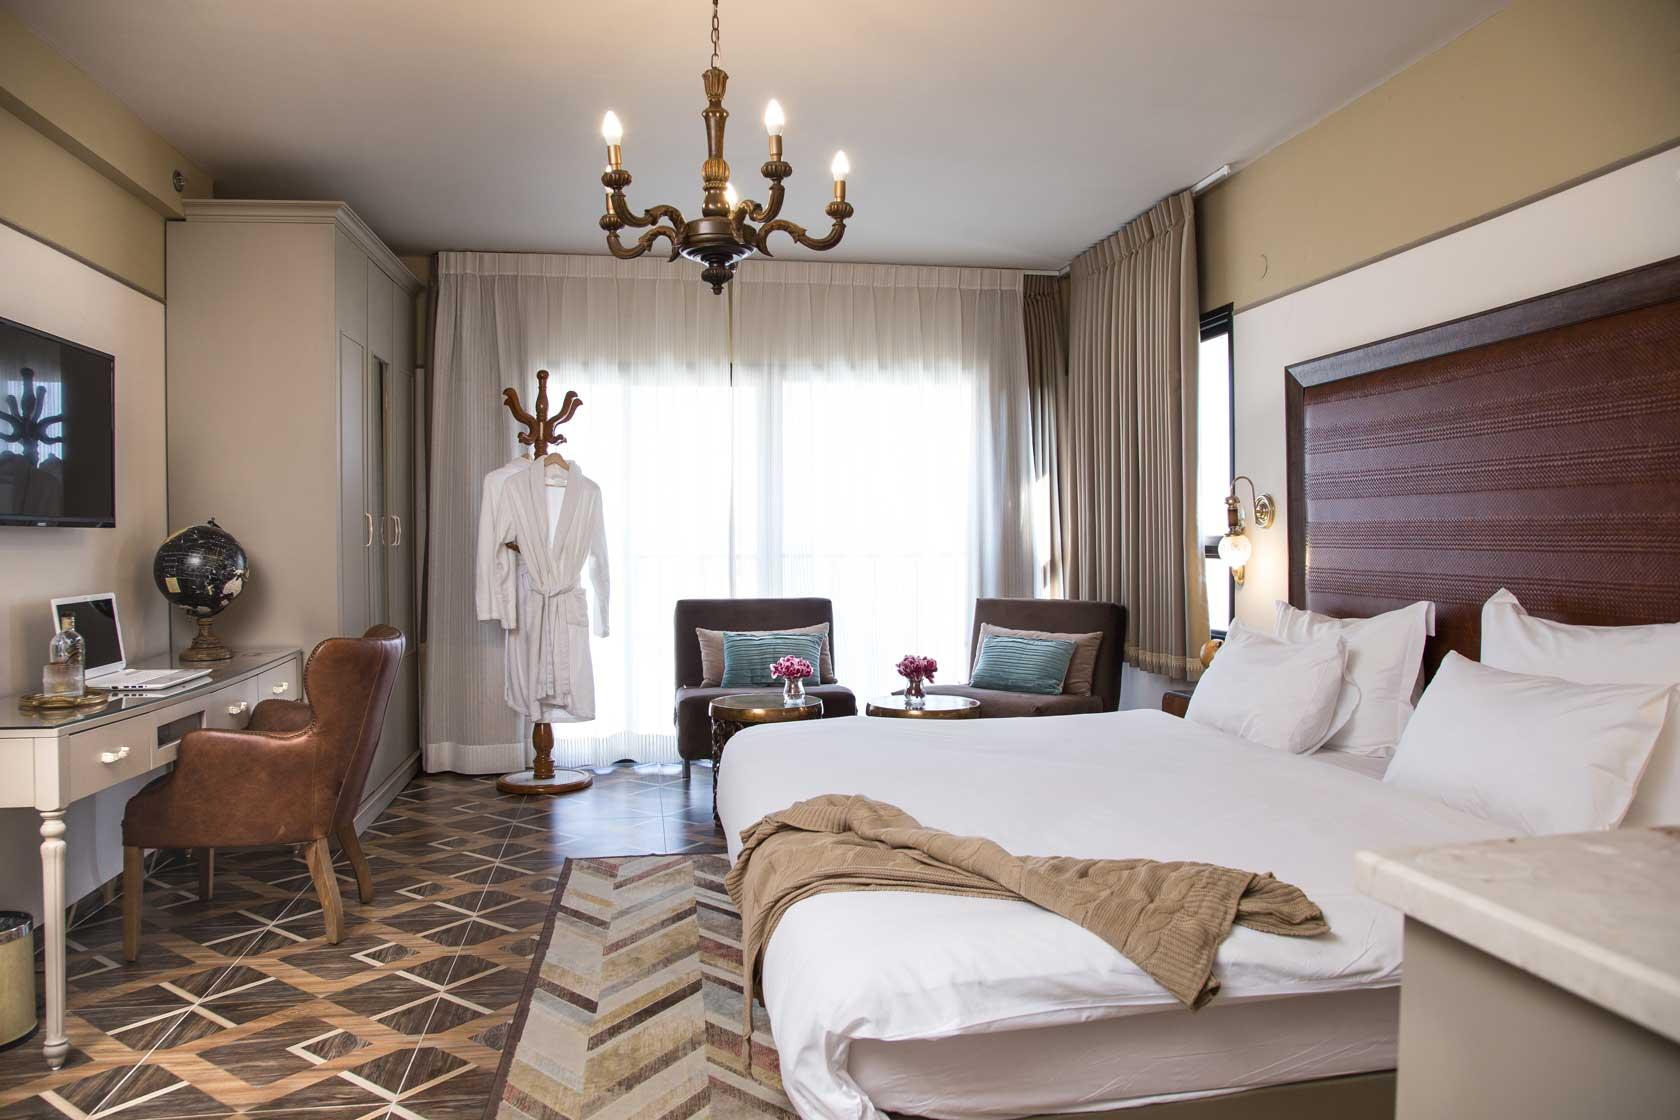 מלון שטרקמן ארנה נהריה סוויטה נשיאותית